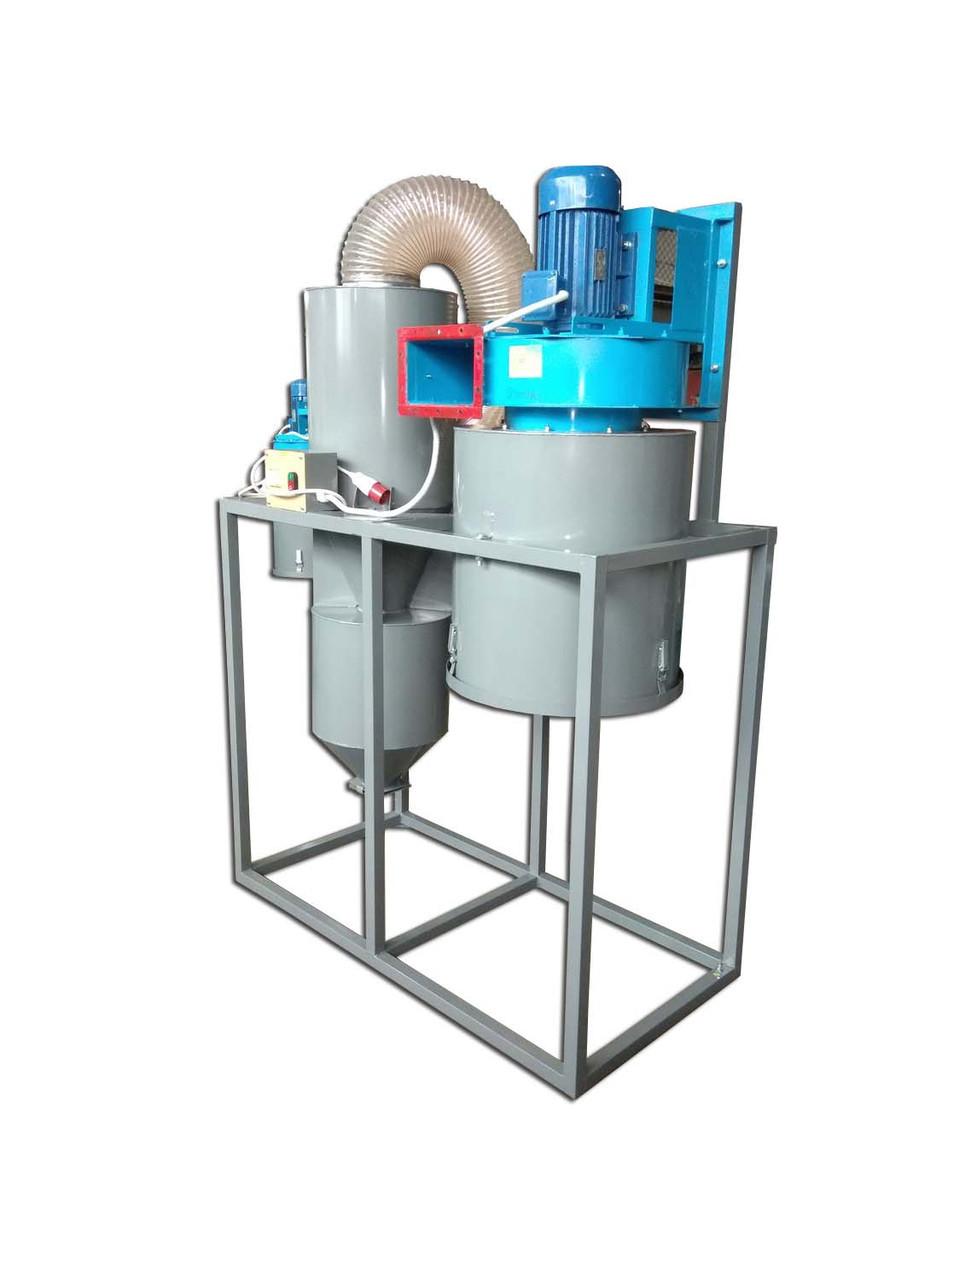 Промышленная система аспирации для металлообработки | аспирация металлической стружки PsTech